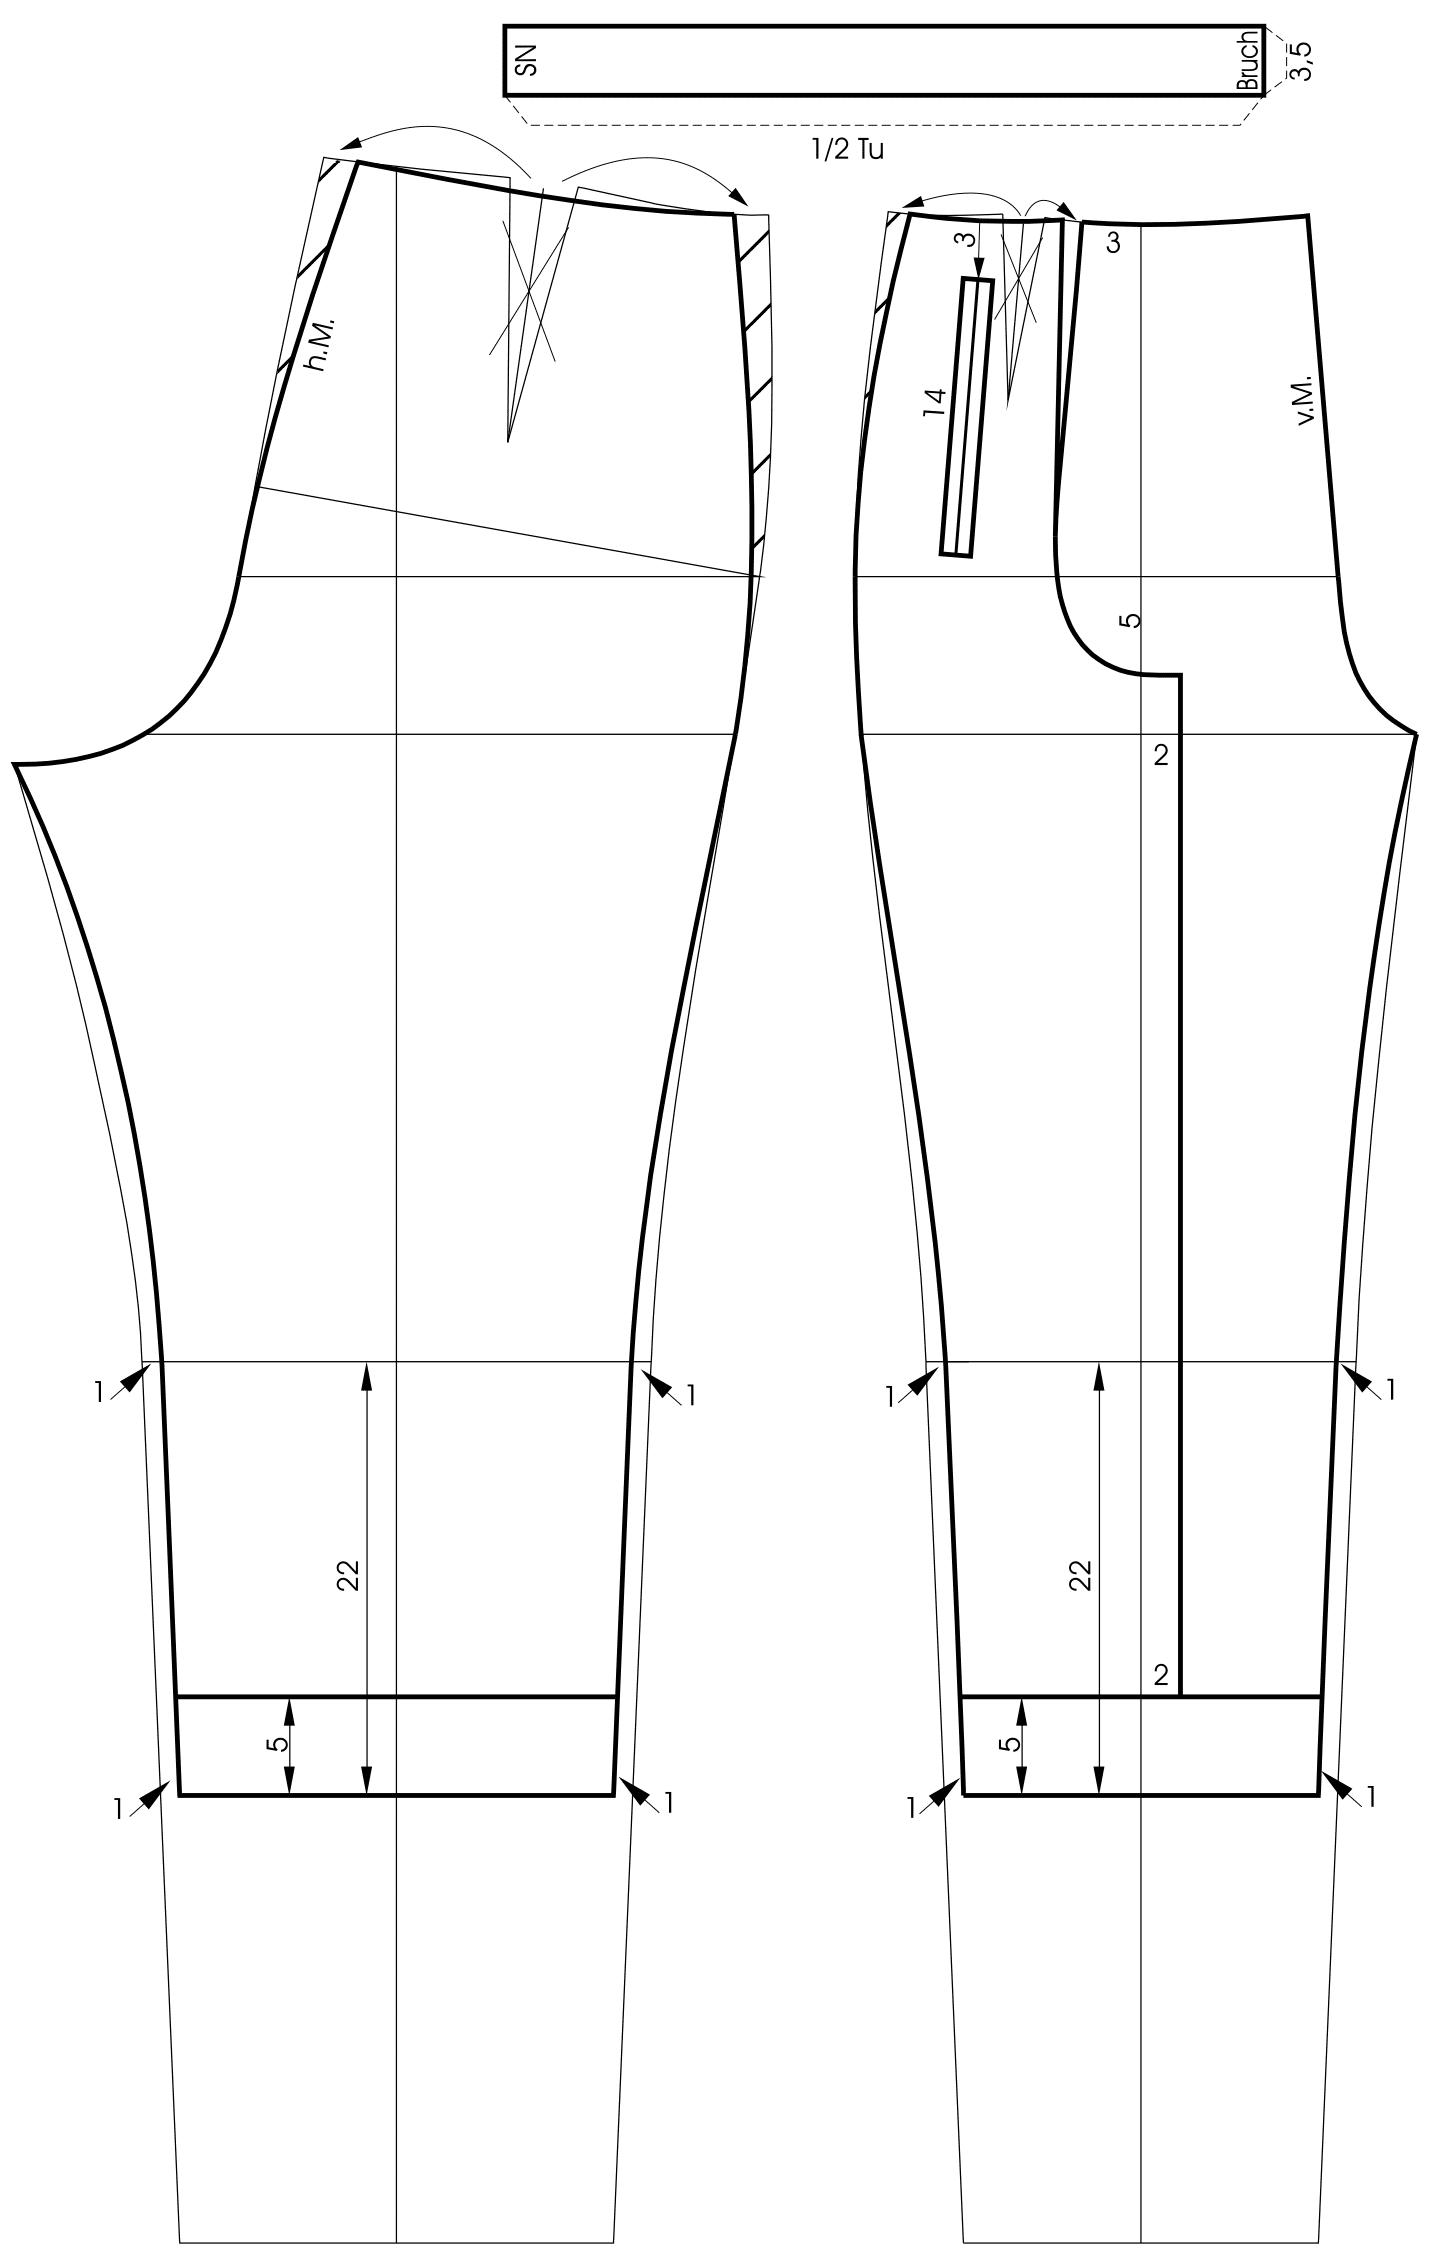 Die Schnitttechnik für eine Caprihose ist zu sehen.